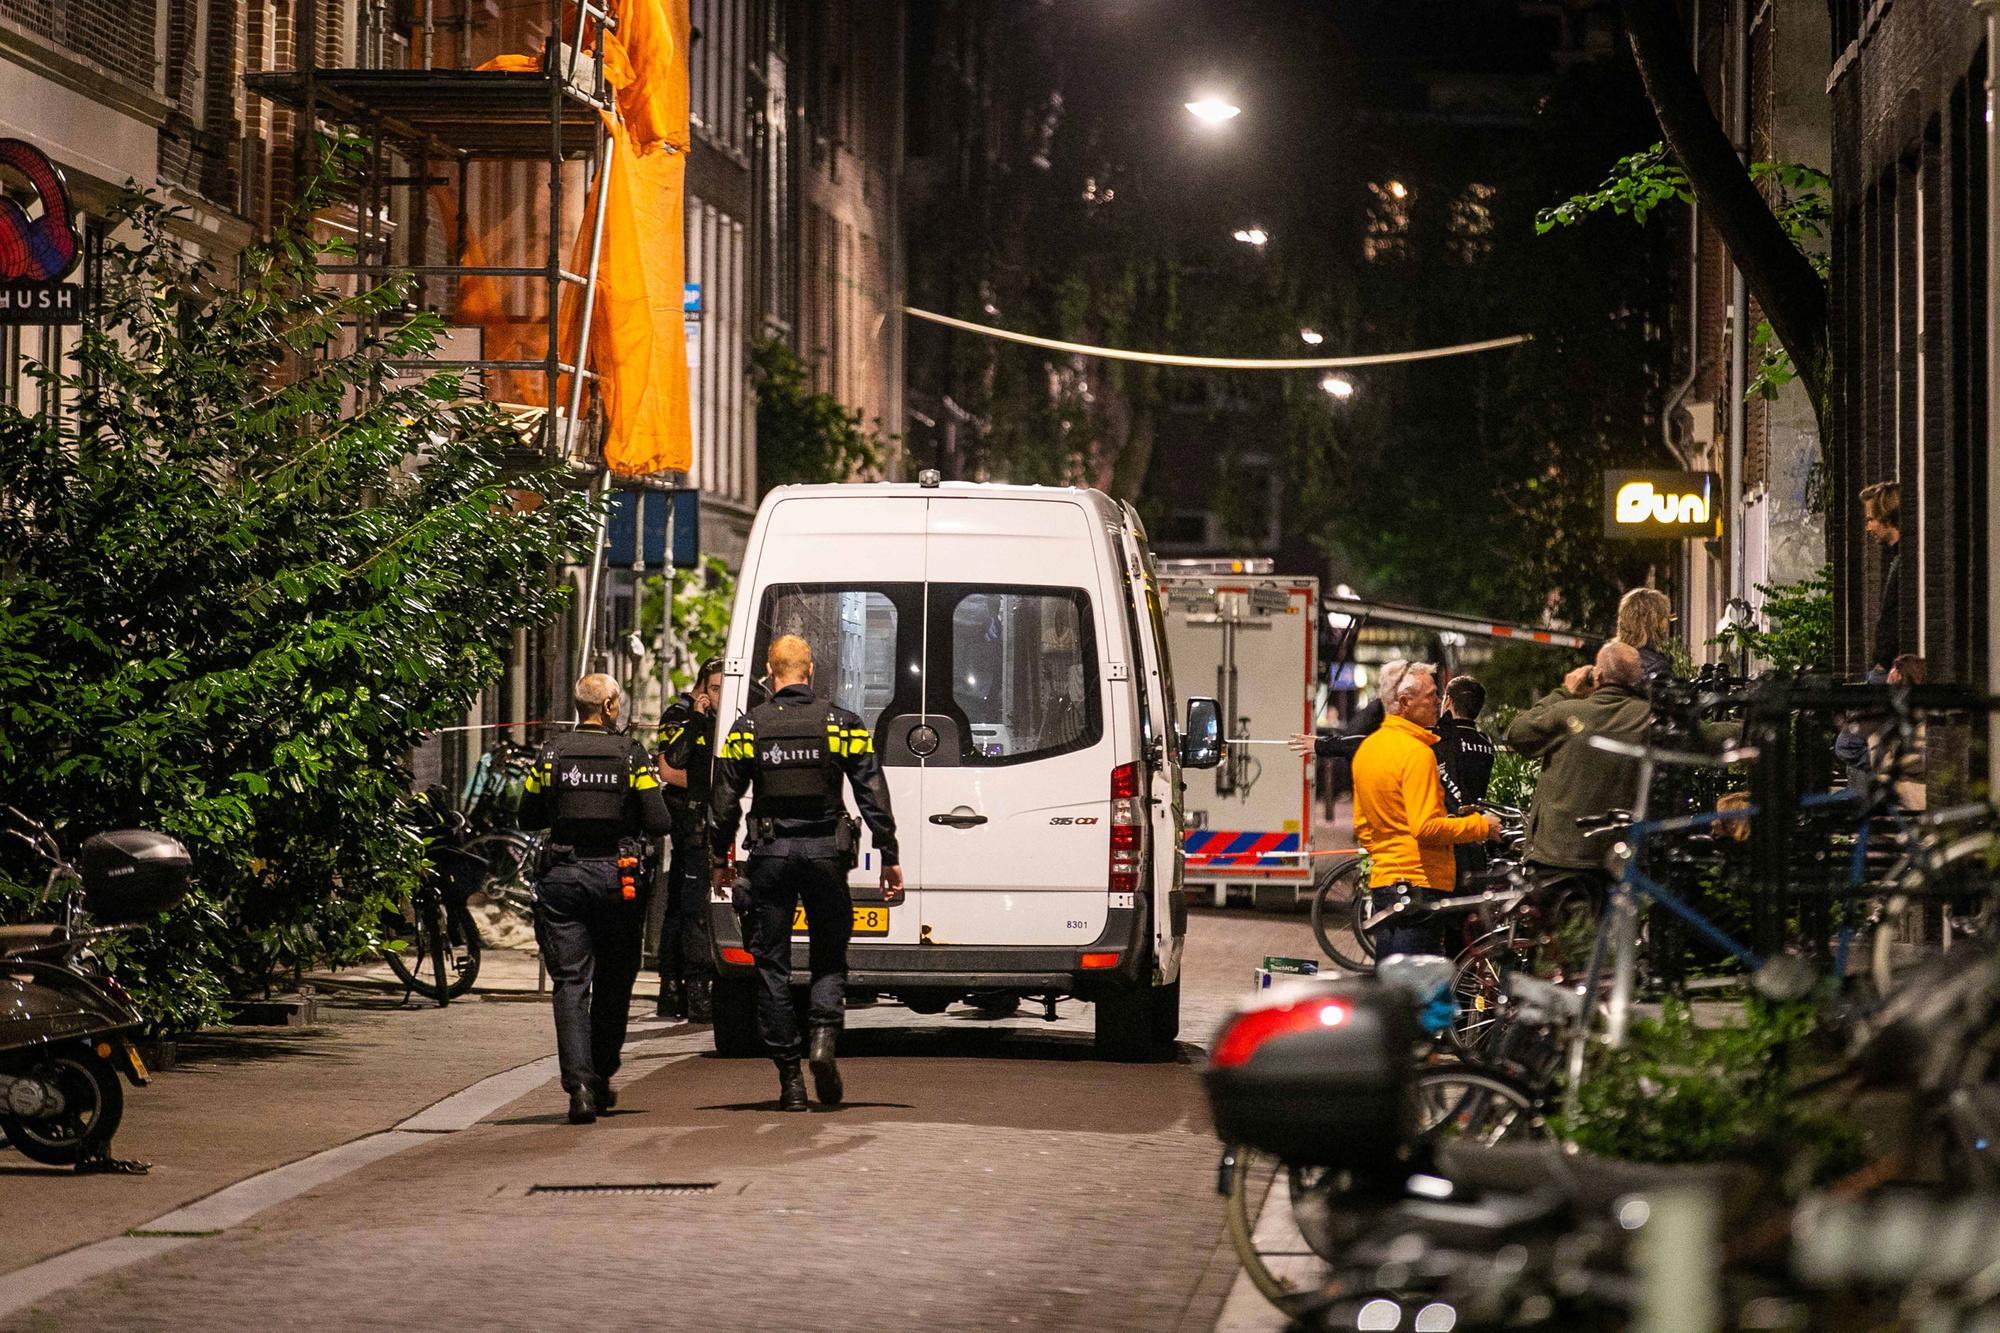 De politie was massaal gemobiliseerd na de aanslag, Belga